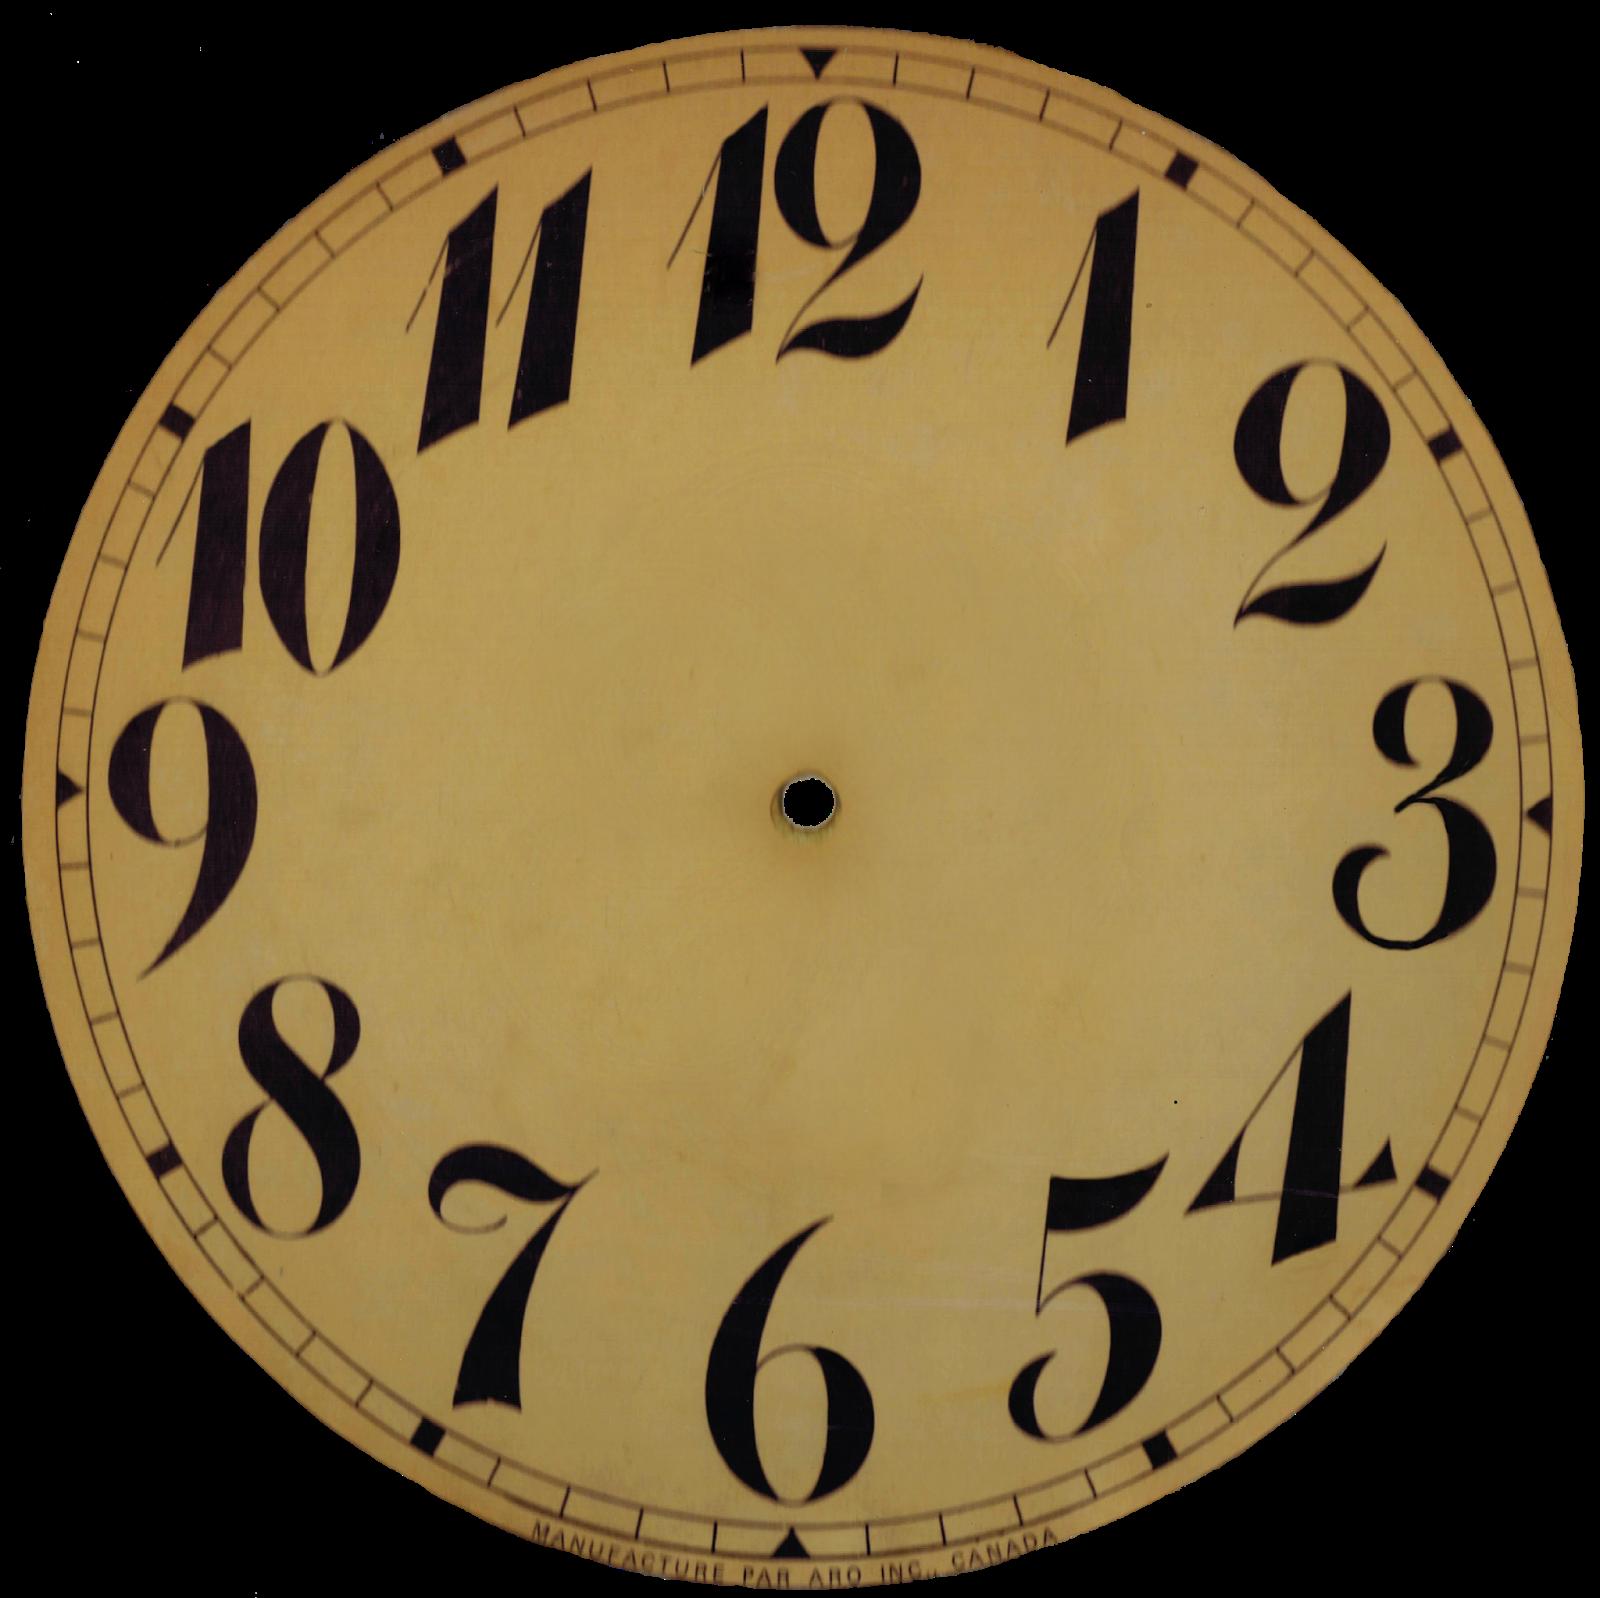 Clock No Hands Png - ClipArt Best